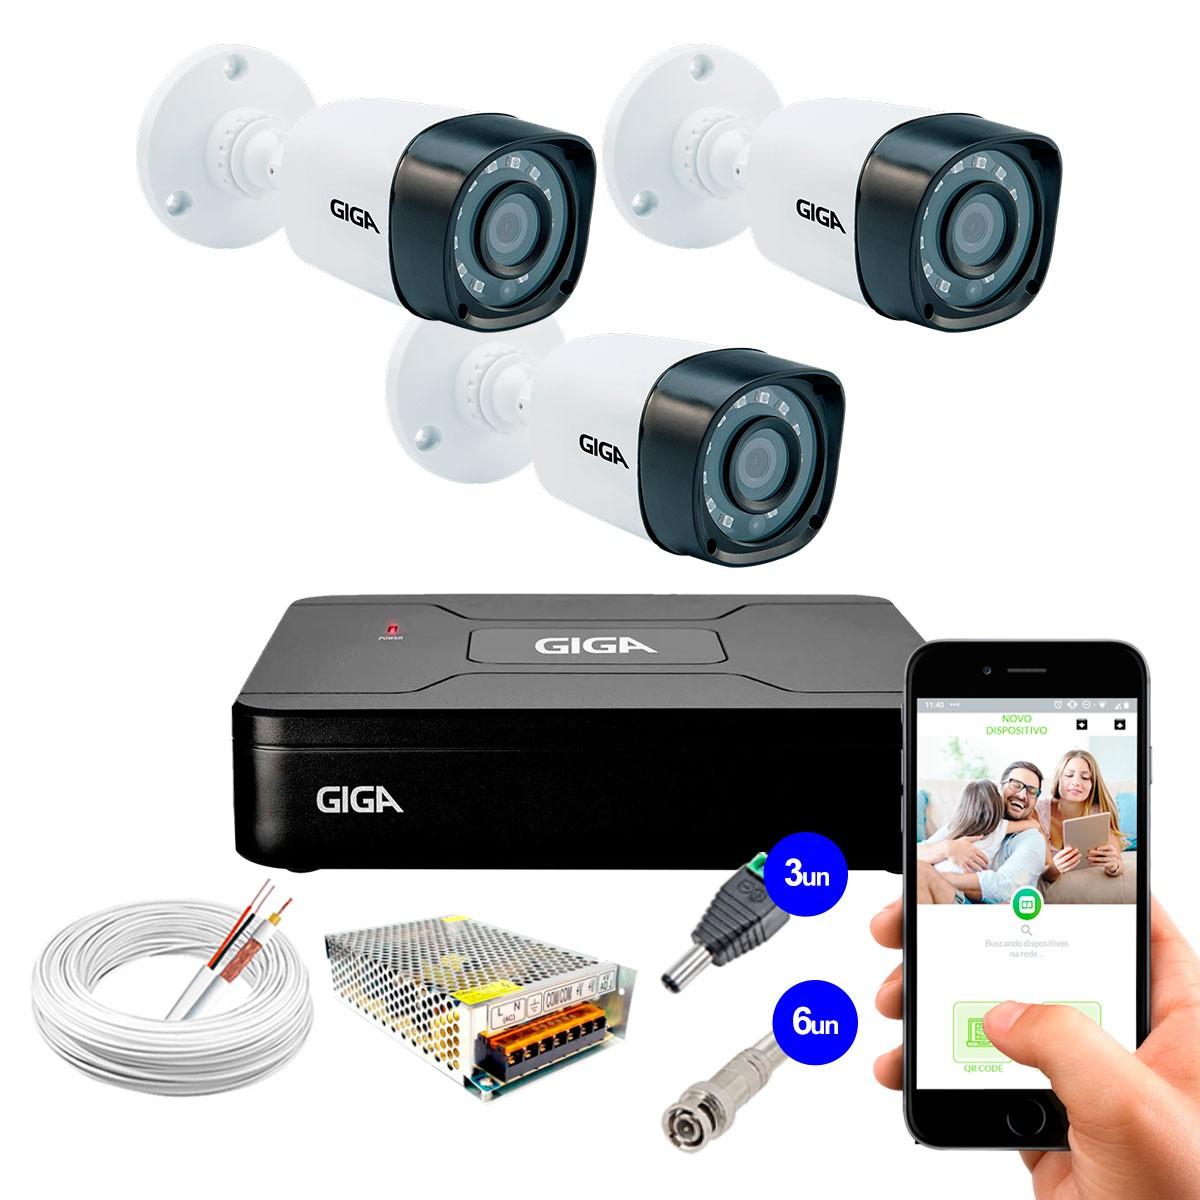 Kit 3 Câmeras de Segurança HD 720p Giga Security GS0018 + DVR Giga Security Multi HD + Acessórios  - Tudo Forte